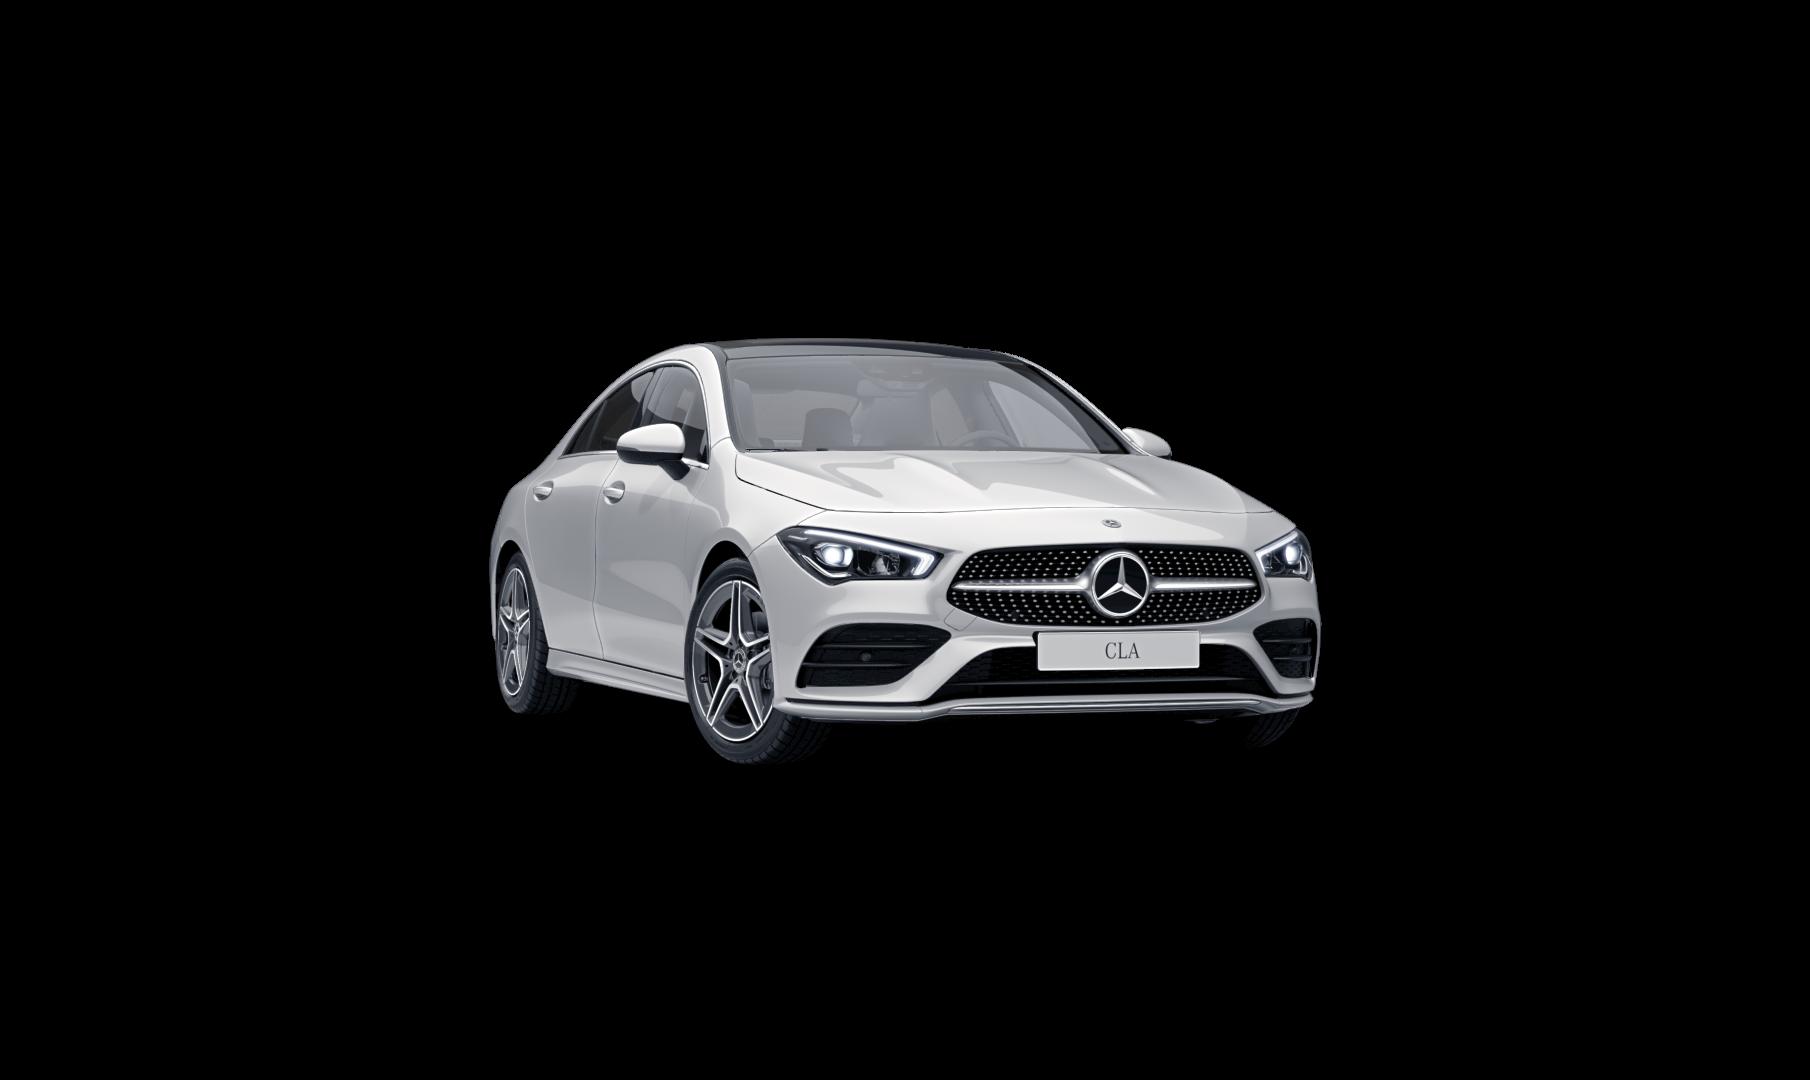 Mercedes Benz CLA Finition AMG Line, Vue de trois quarts de profil de l'avant à l'arrêt